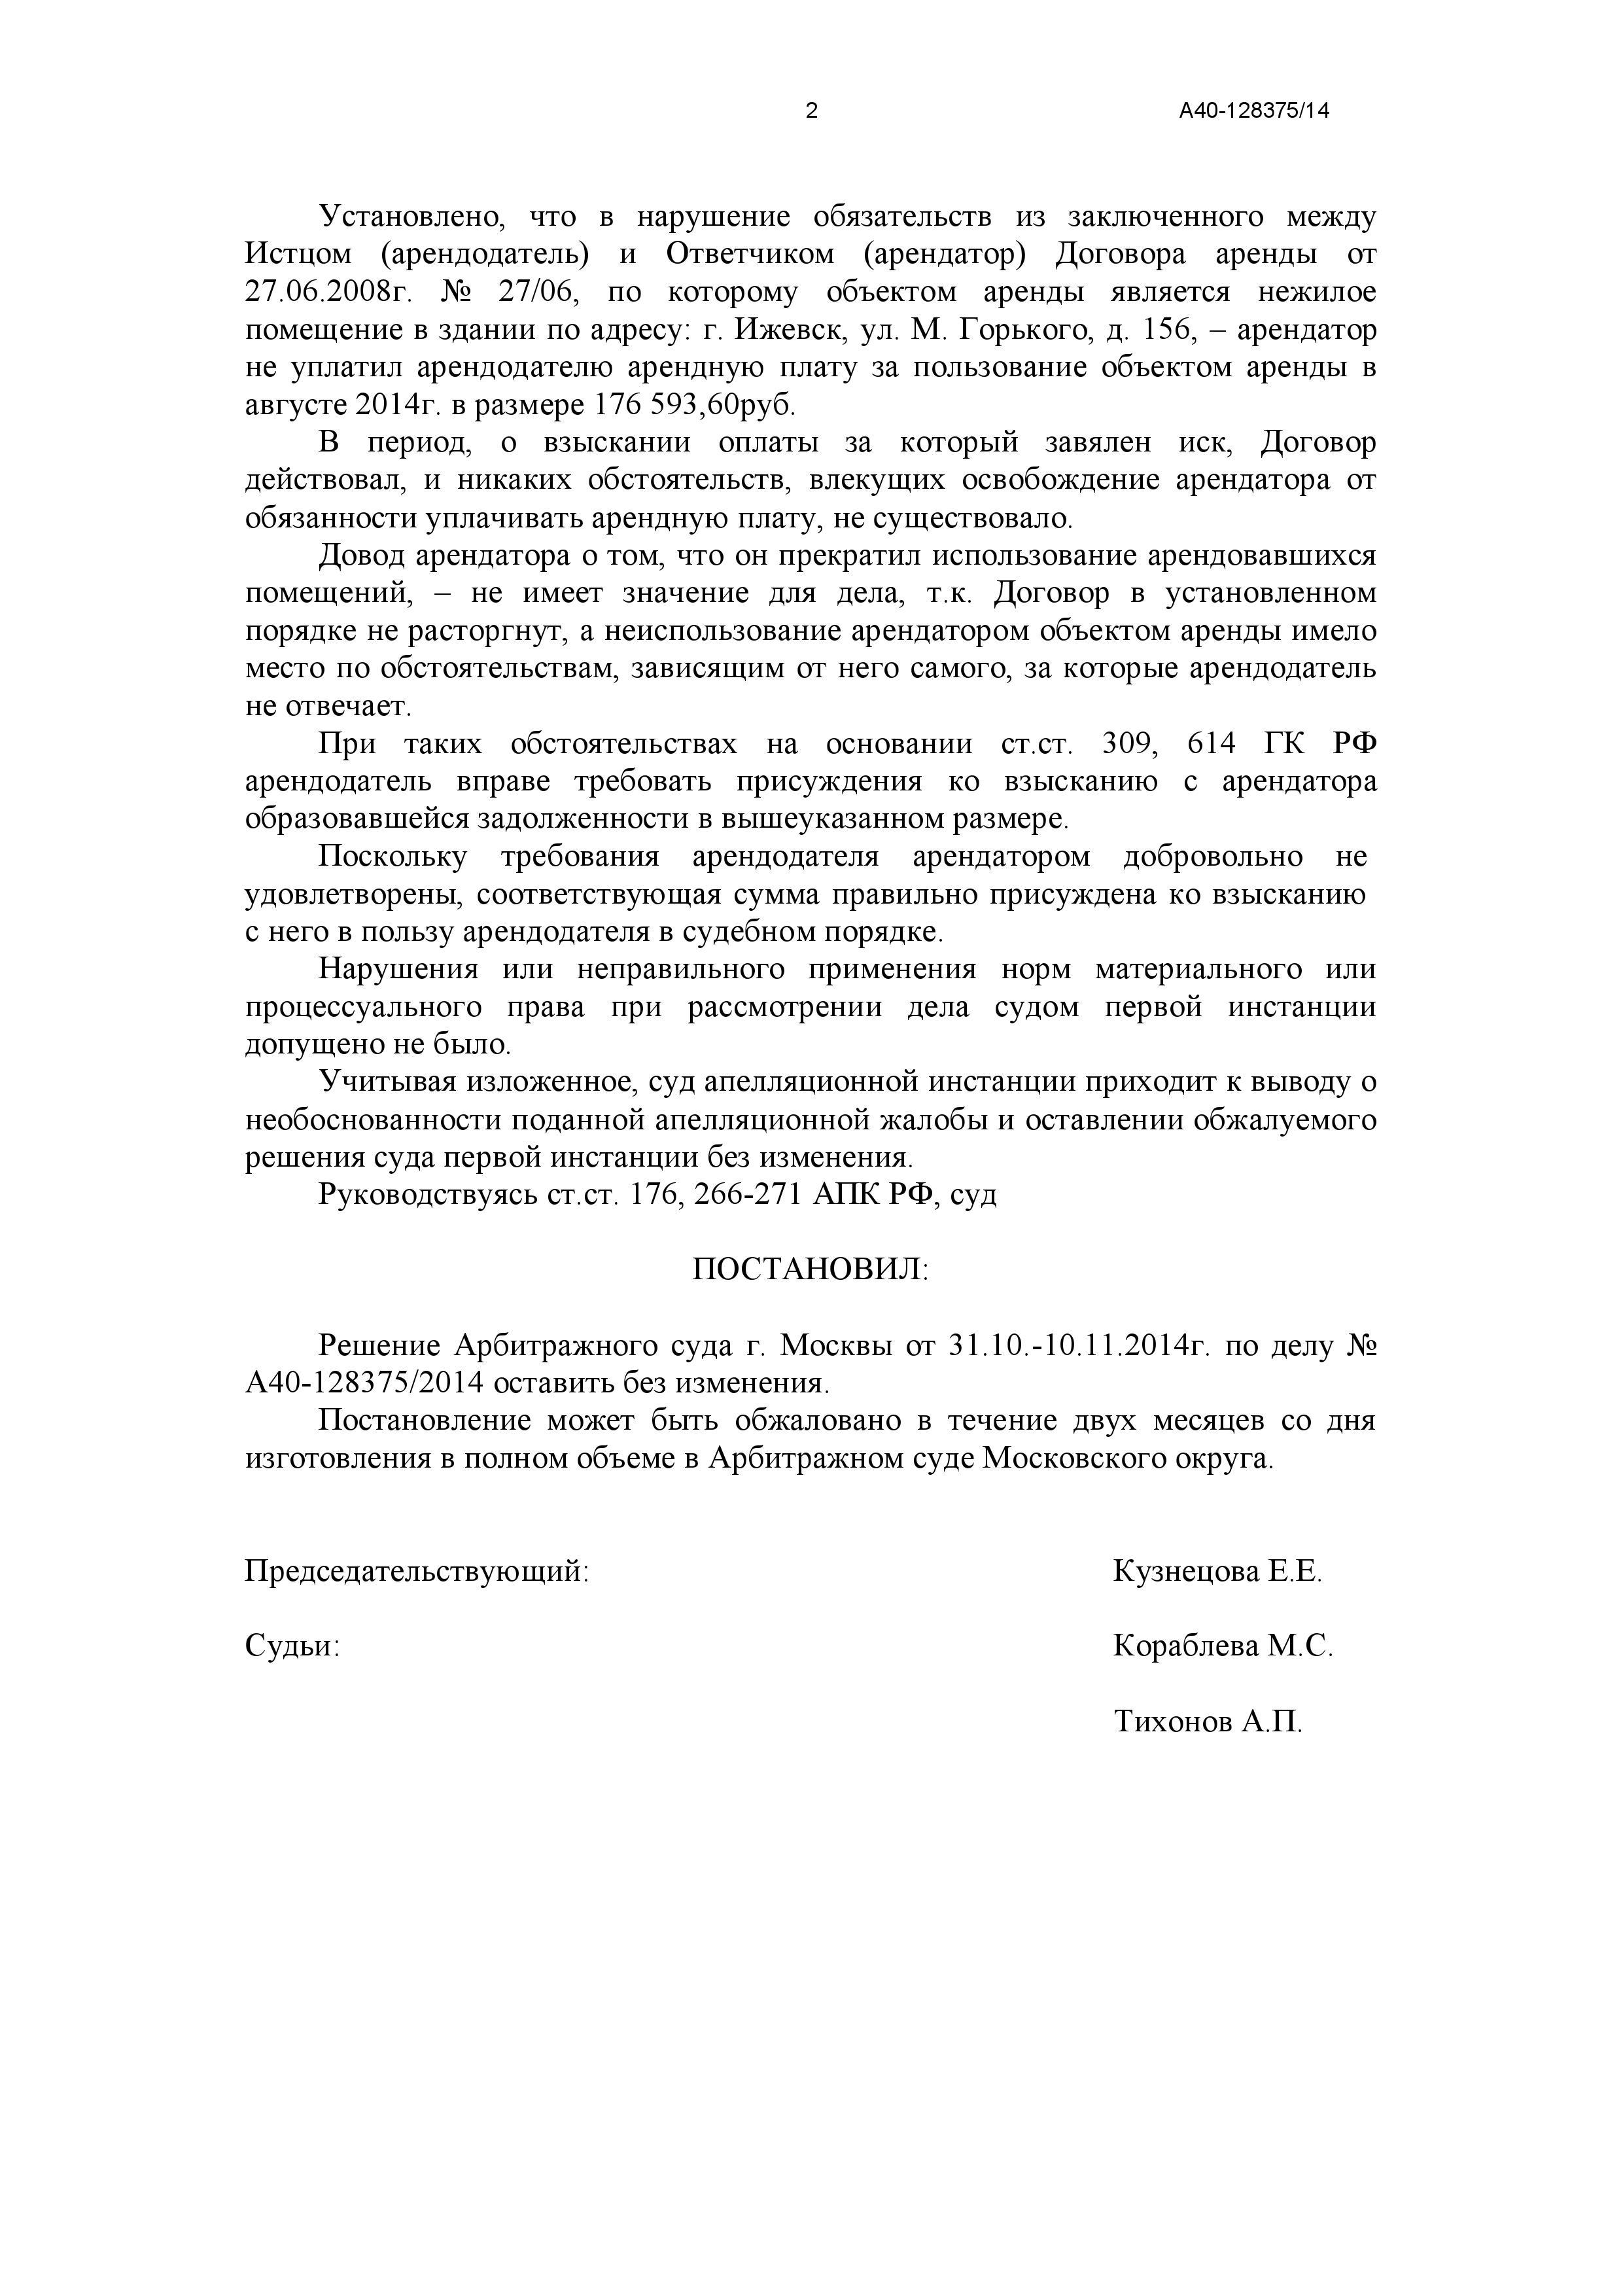 Апелляционное определение по делу А40-122380-2014 стр. 2